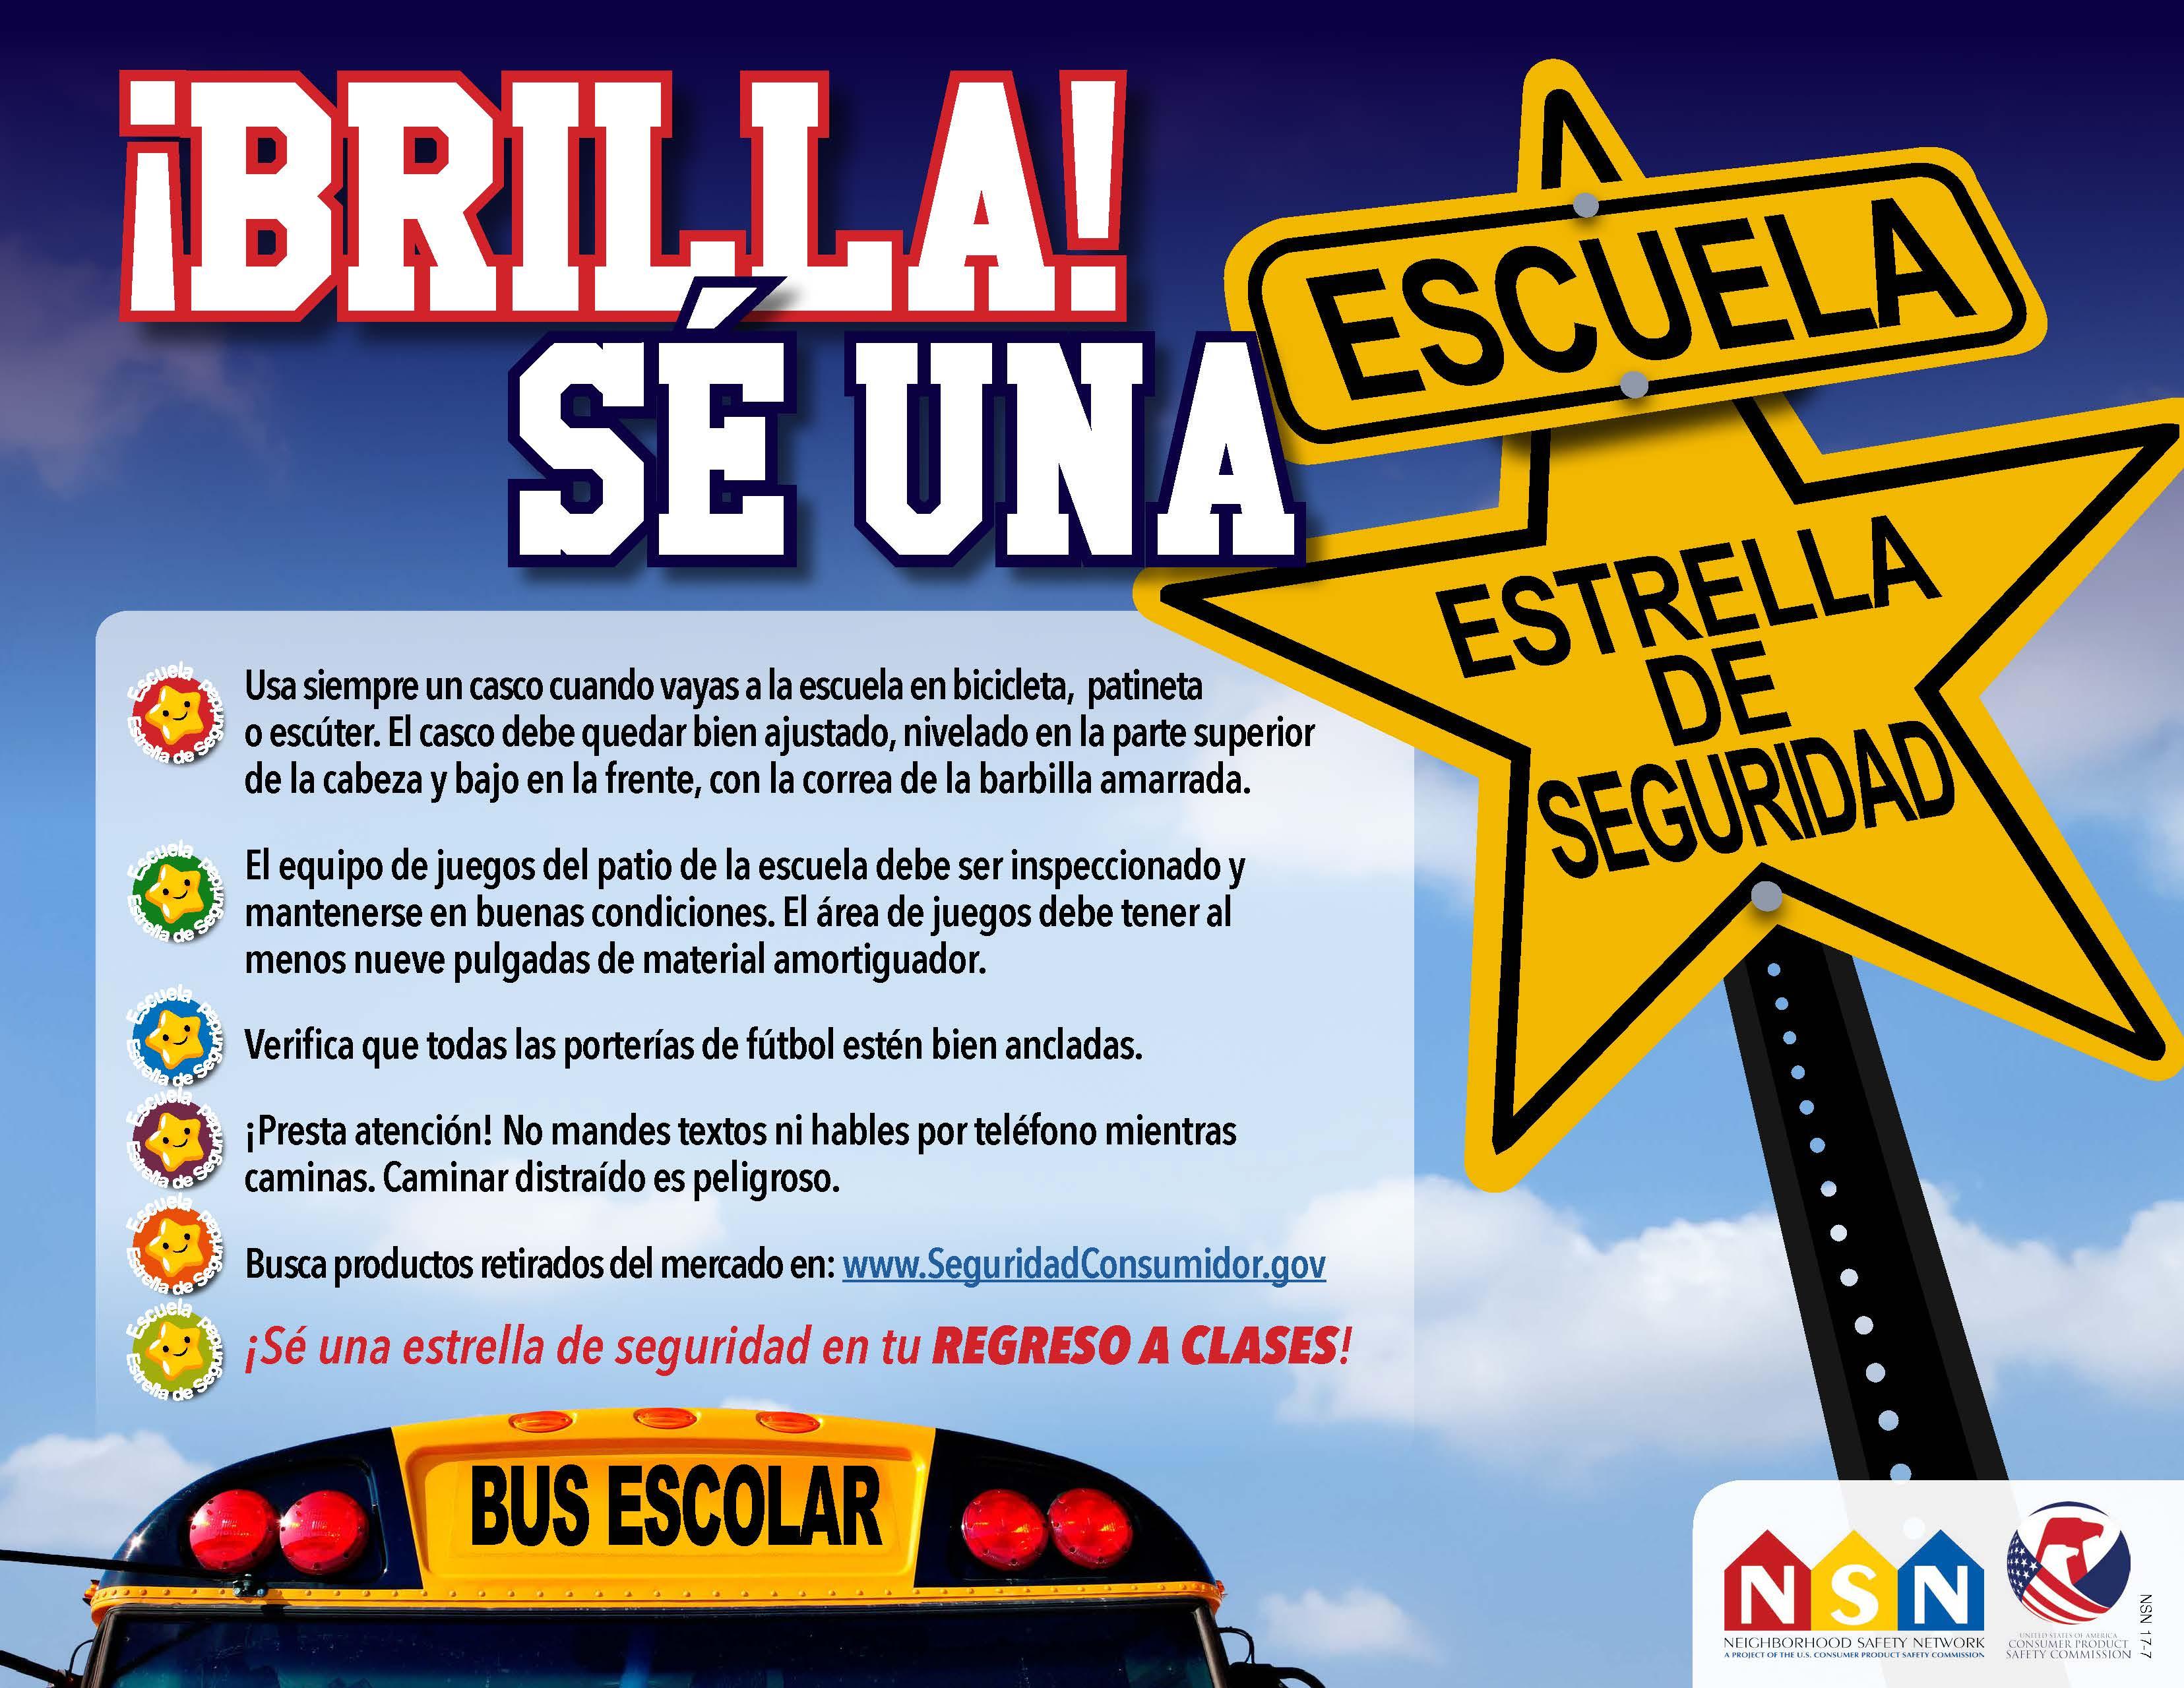 Nuevo afiche de la Red para la Seguridad de la Comunidad con consejos para ser ¡una estrella de seguridad escolar!